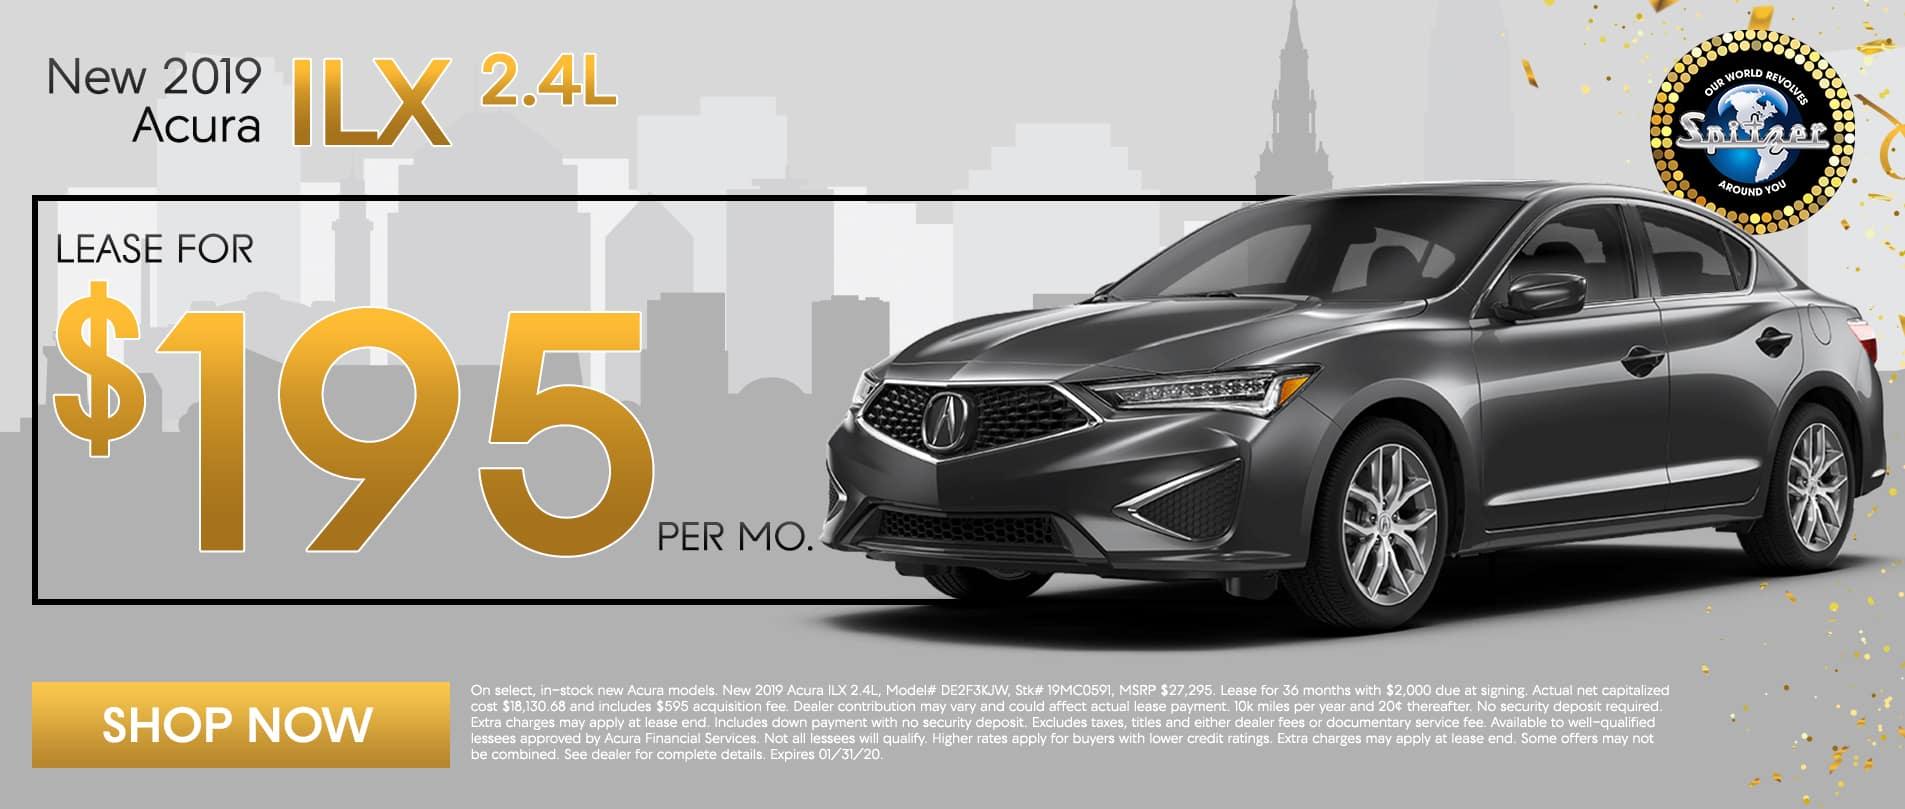 19 ILX | Lease for $195 per mo